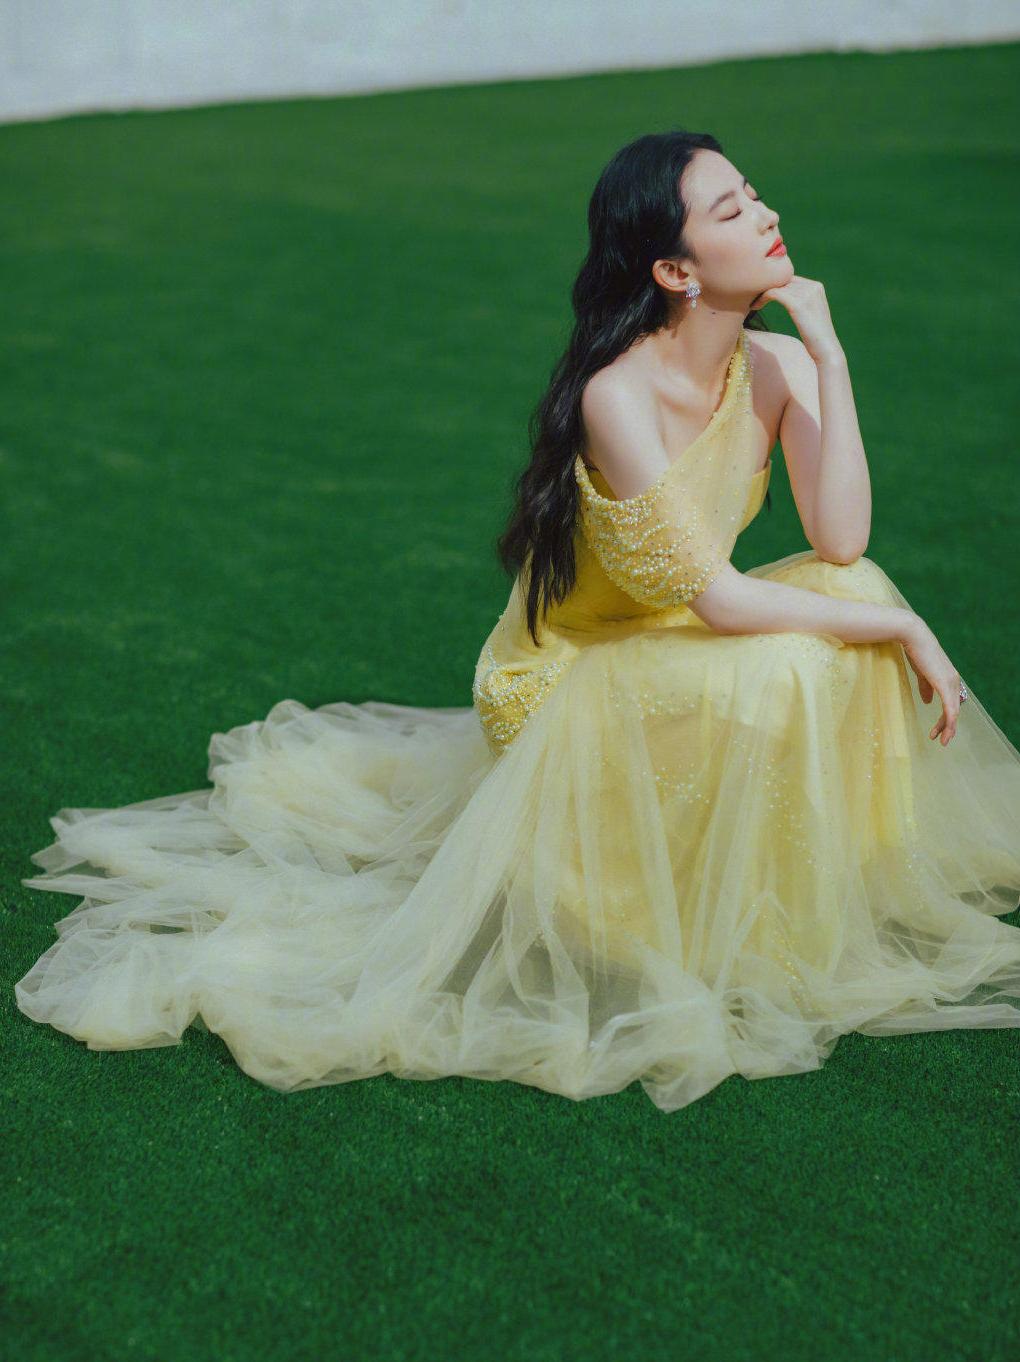 Vốn sở hữu vẻ đẹp nữ tính nên những trang phục, concept nhẹ nhàng được đánh giá phù hợp với mỹ nhân Hoa ngữ. Chất liệu voan tạo được độ phồng đẹp cho váy nhưng không quá nặng nề chính là lựa chọn Lưu Diệc Phi yêu thích.